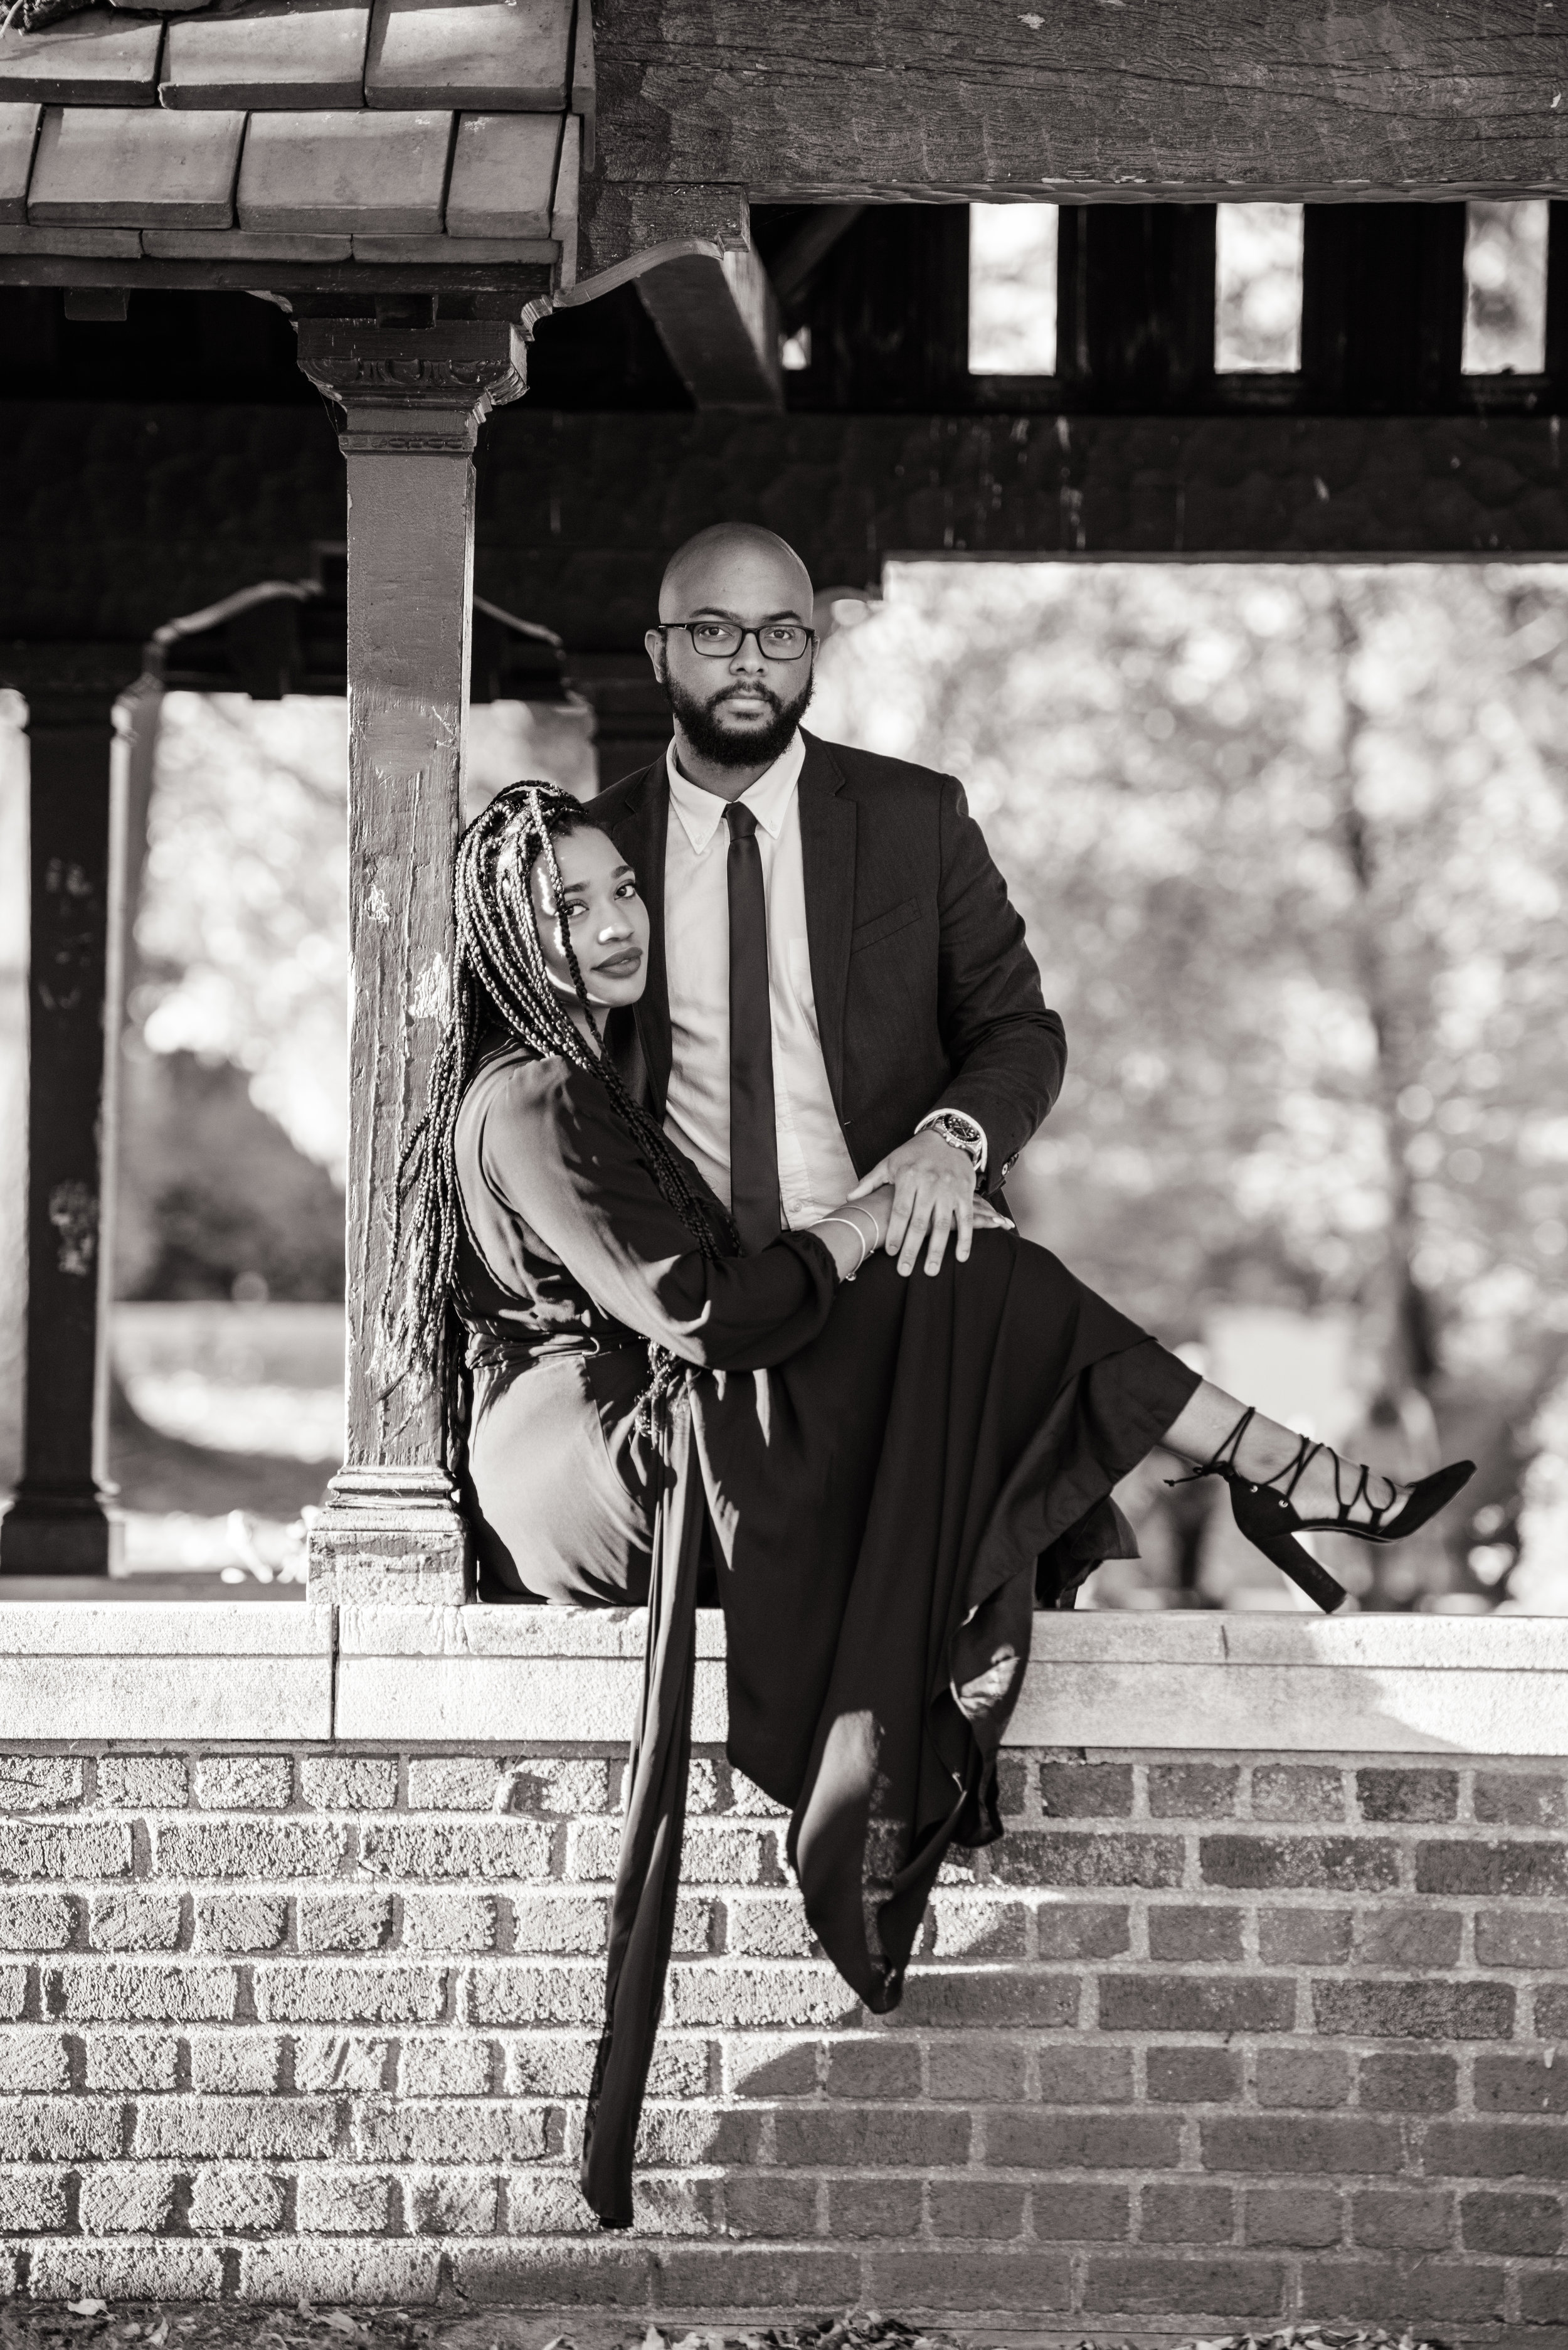 Omar-Sarah-Engagement-49.jpg